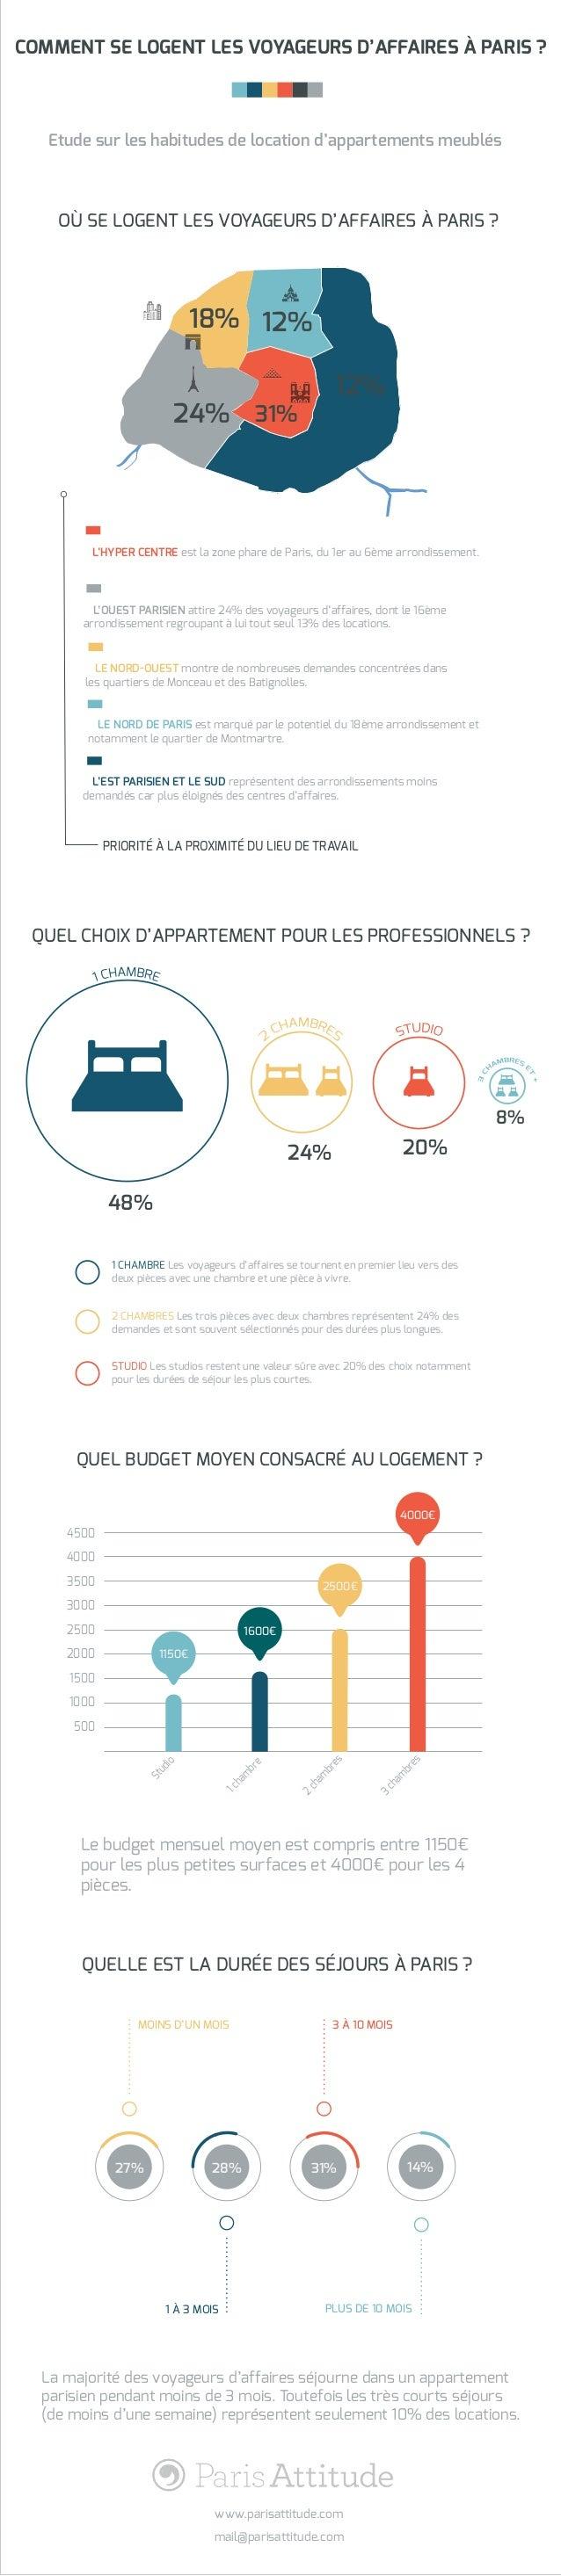 COMMENT SE LOGENT LES VOYAGEURS D'AFFAIRES À PARIS ? Etude sur les habitudes de location d'appartements meublés 500 1000 1...